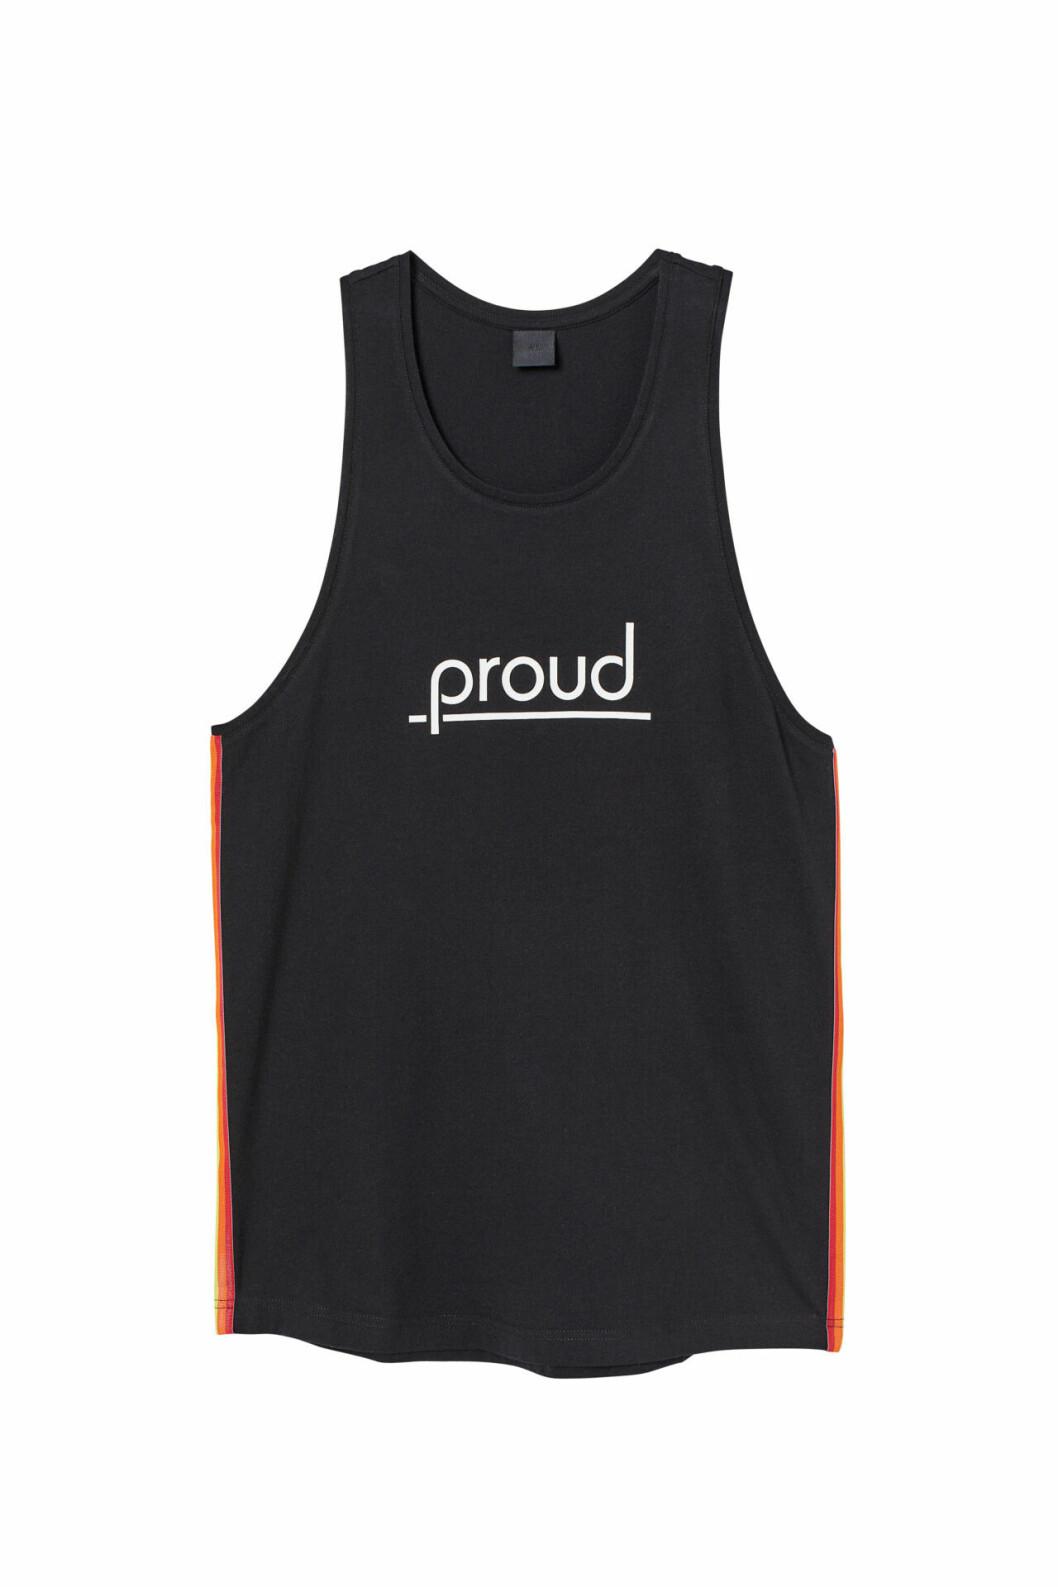 H&M släpper Pridekollektion för 2019 – svart linne med tryck